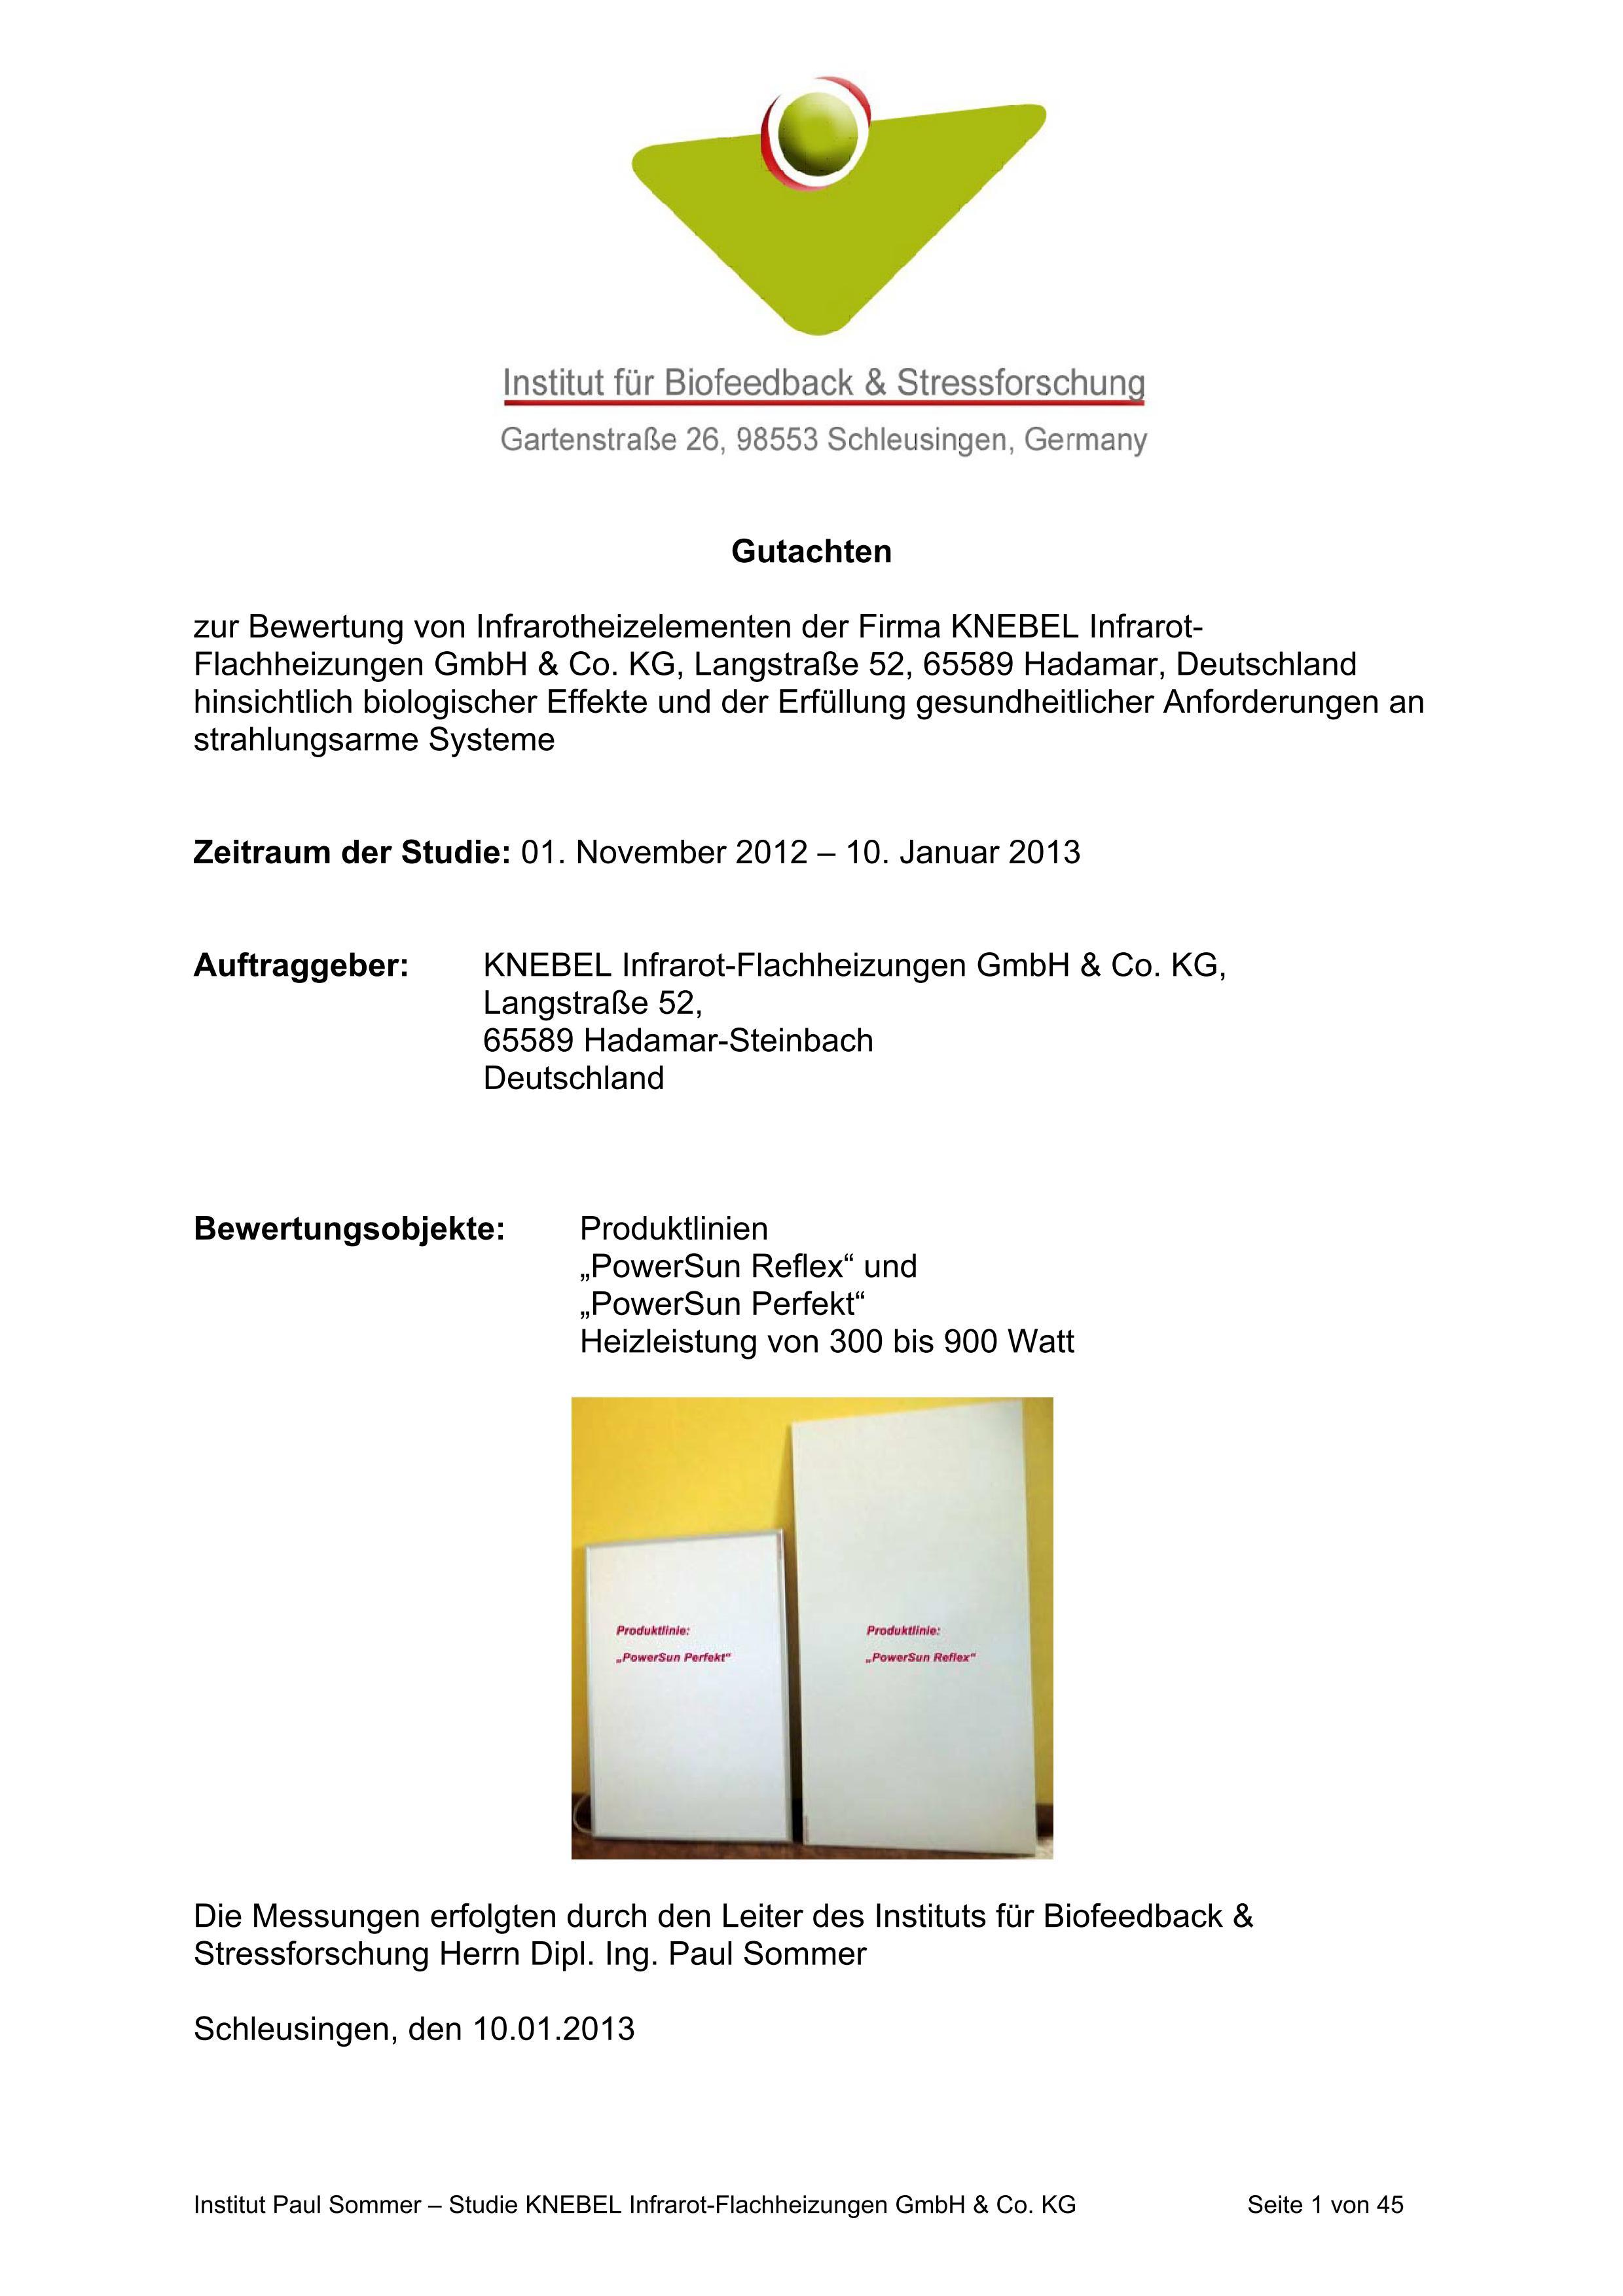 Gutachten-Knebel-Infrarot-Flachheizungen-GmbH-Co -KG 01